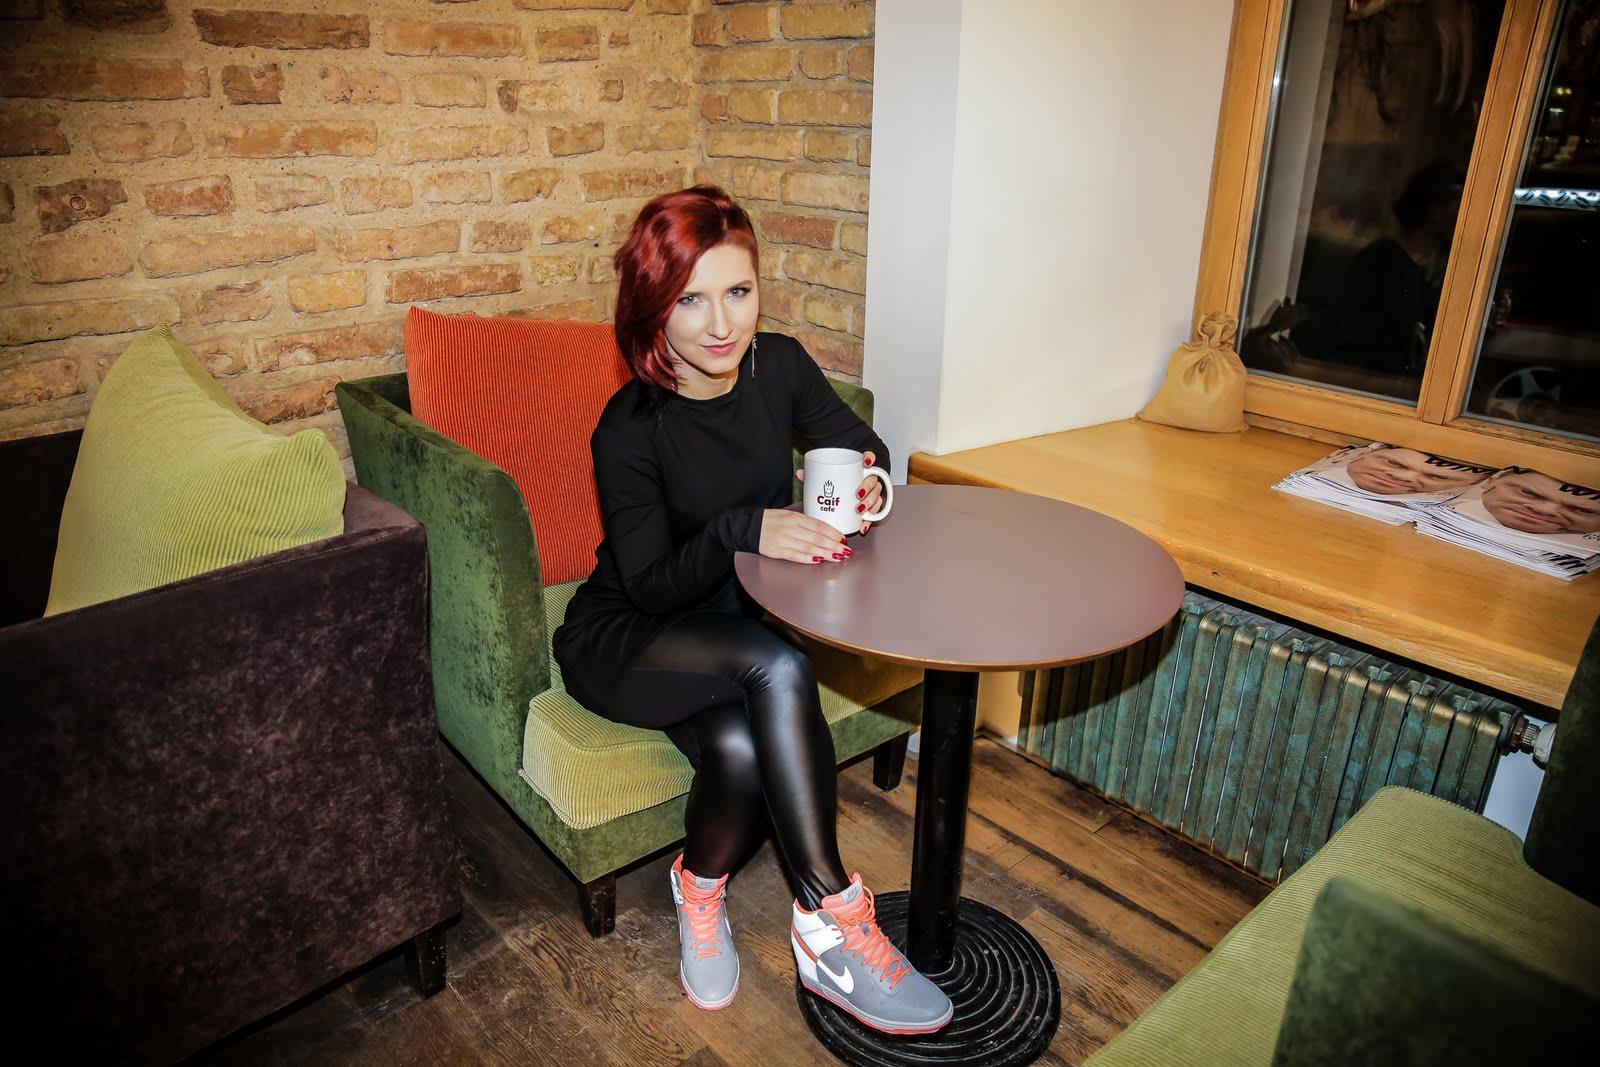 Caif cafe rekmalos filmavimas - BP9B5516.jpg